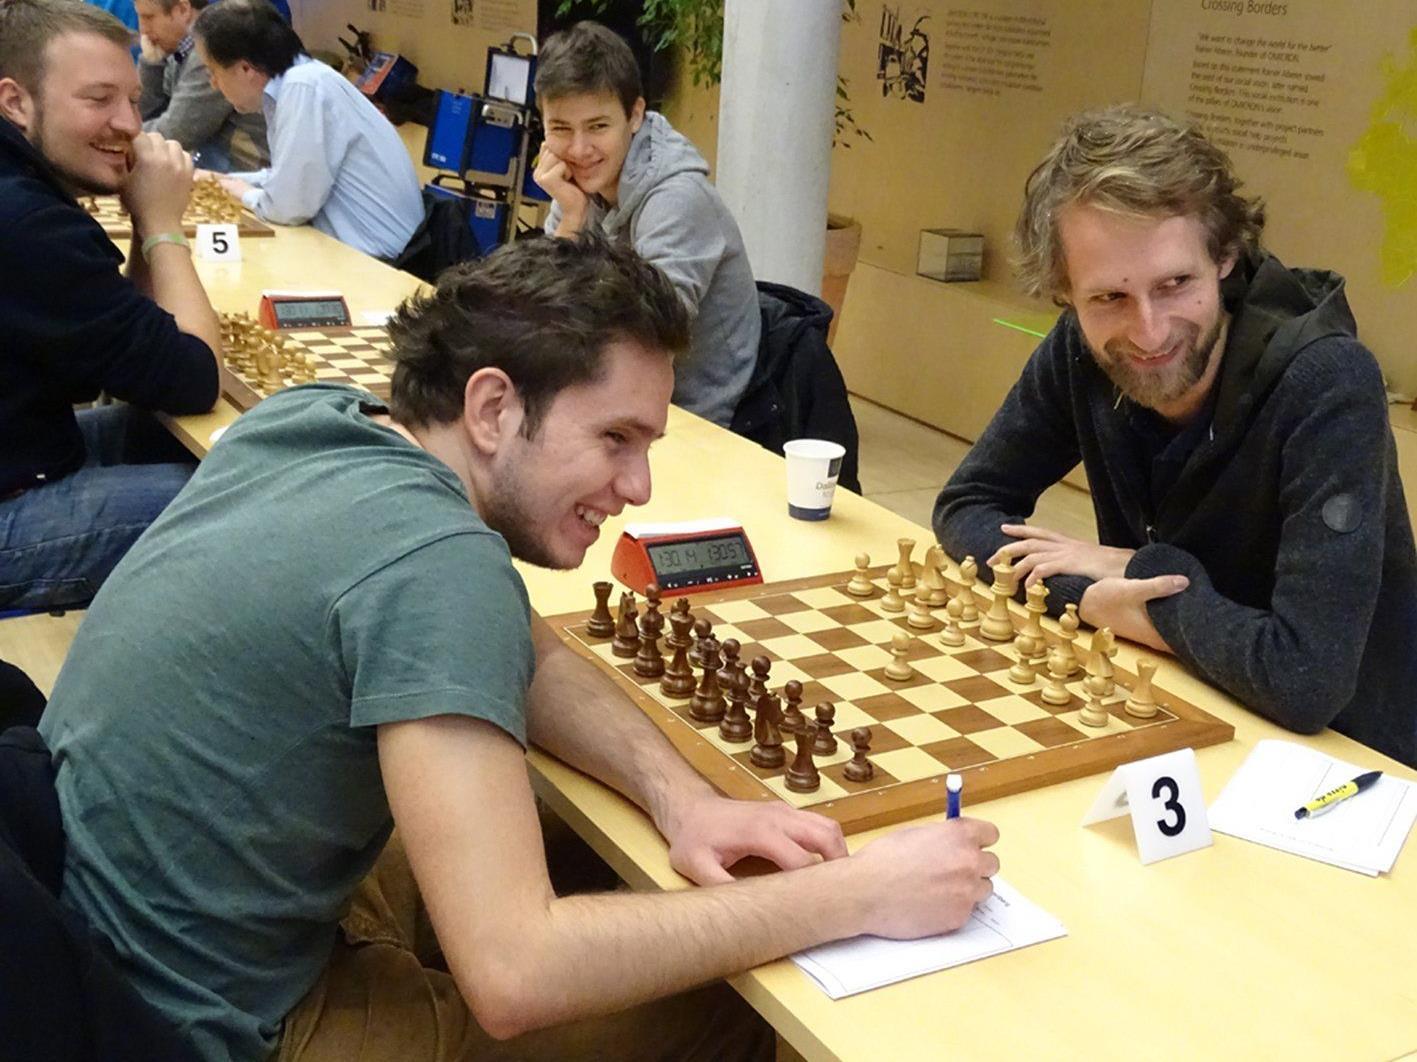 Gute Stimmung herrscht unter den Spielern während den Schach-Partien.